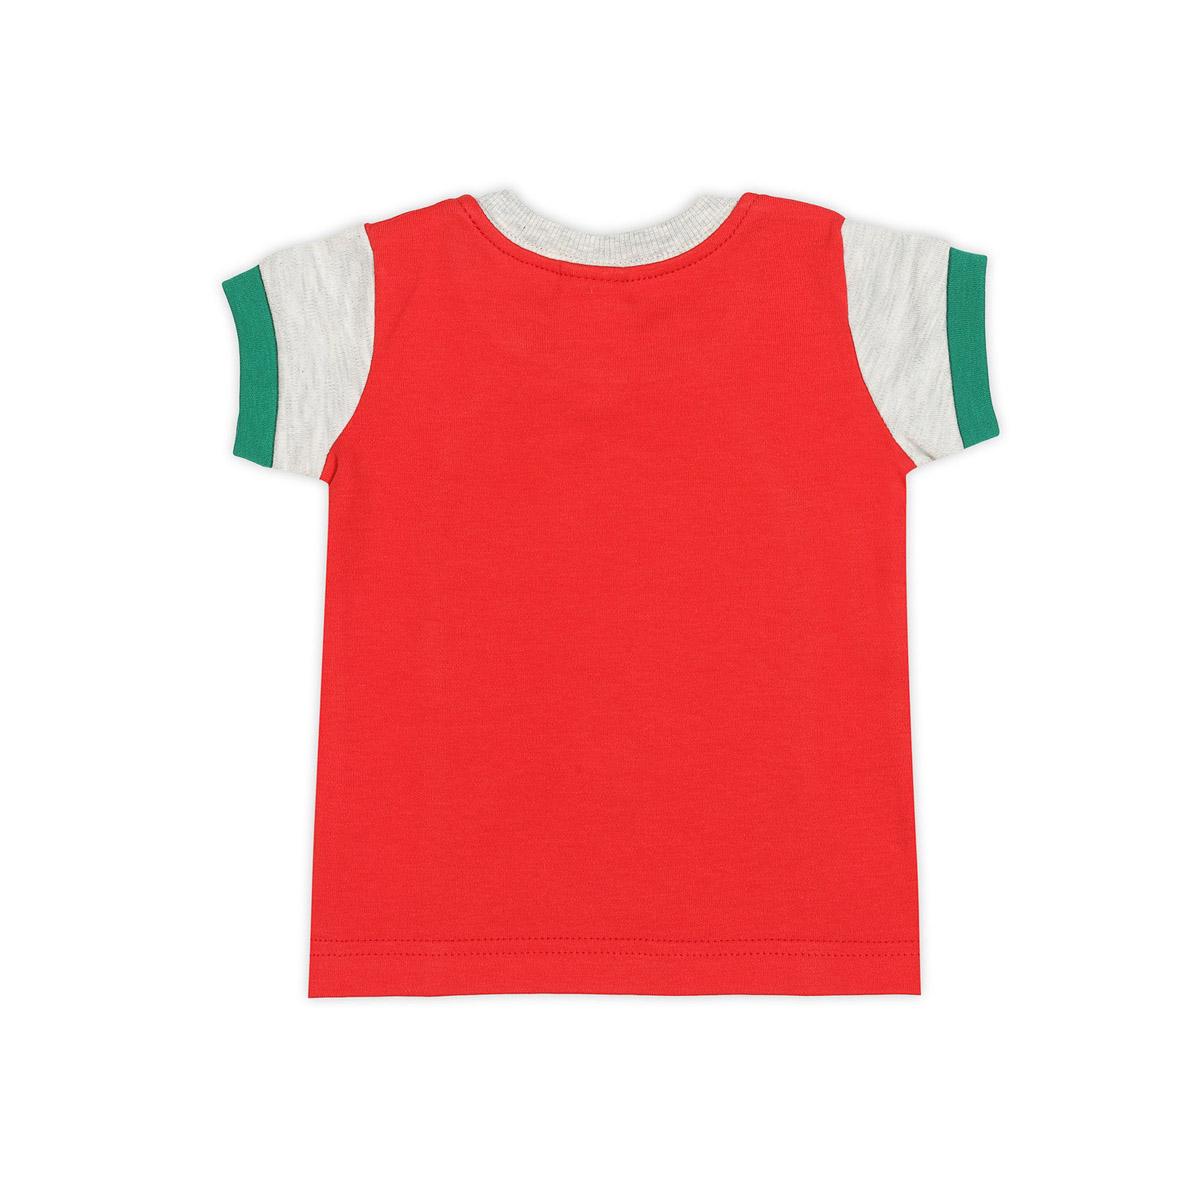 Футболка Ёмаё Хохлома (27-636) рост 80 светло серый меланж с красный